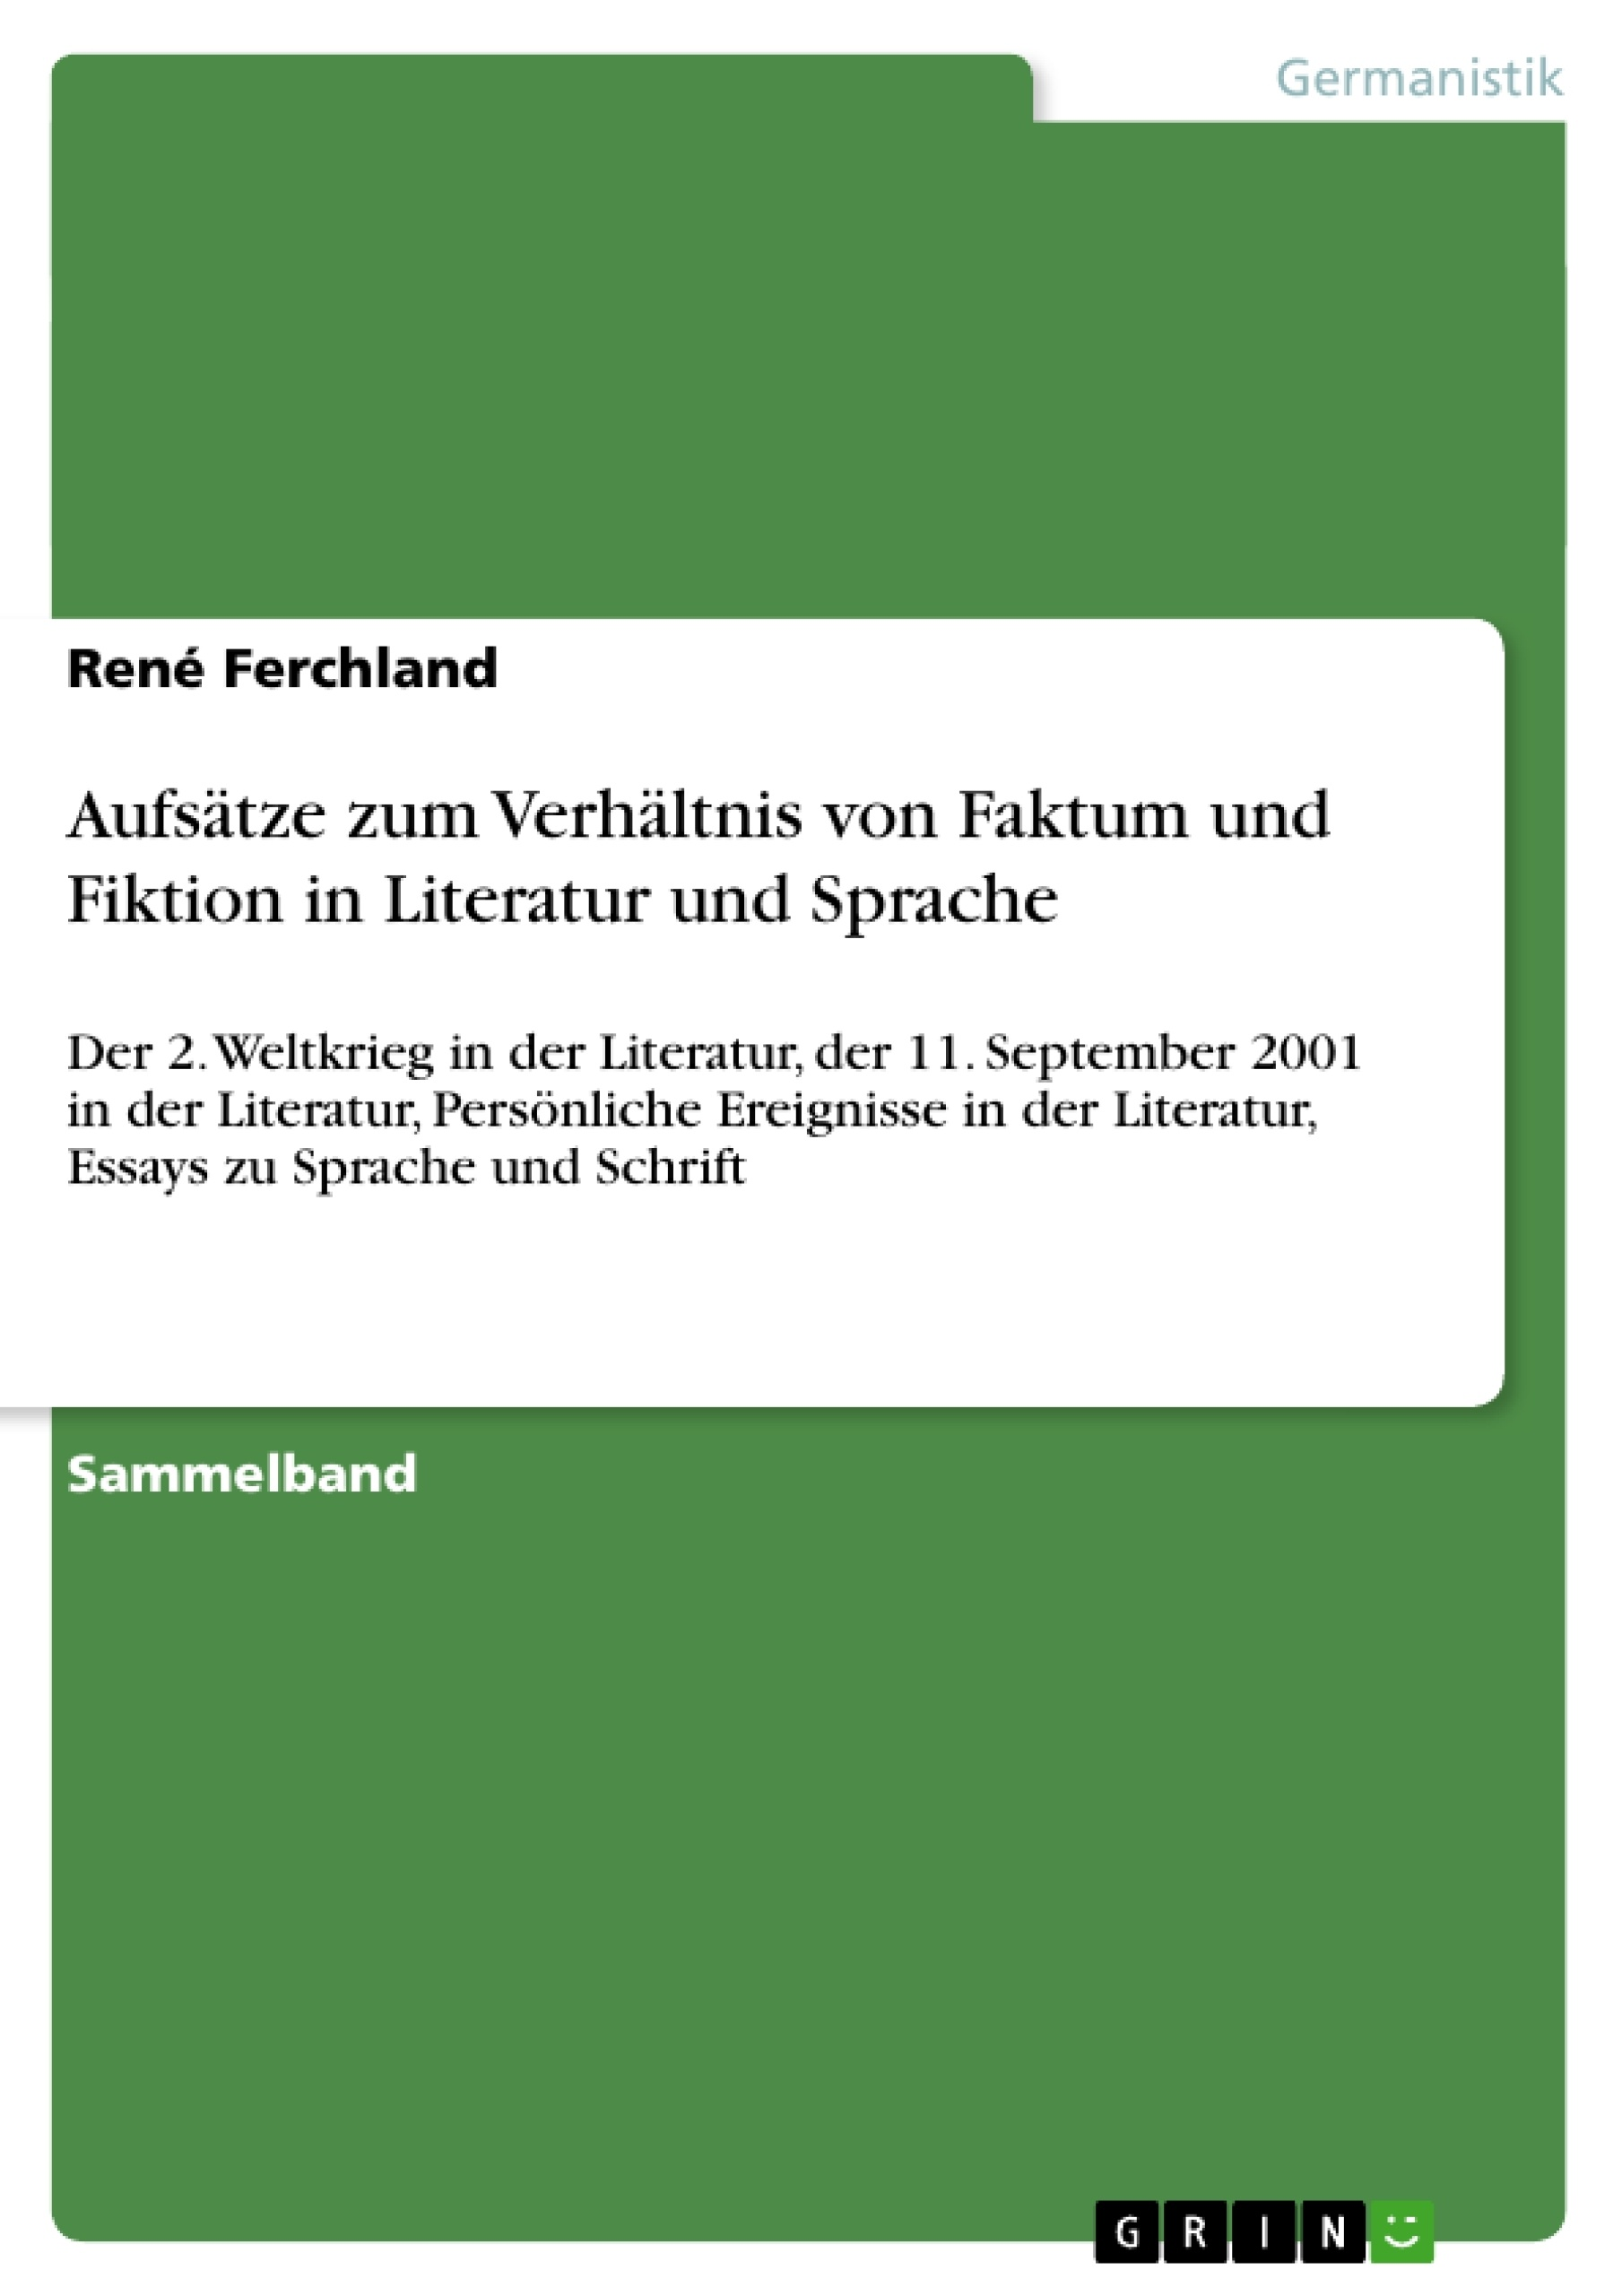 Titel: Aufsätze zum Verhältnis von Faktum und Fiktion in Literatur und Sprache